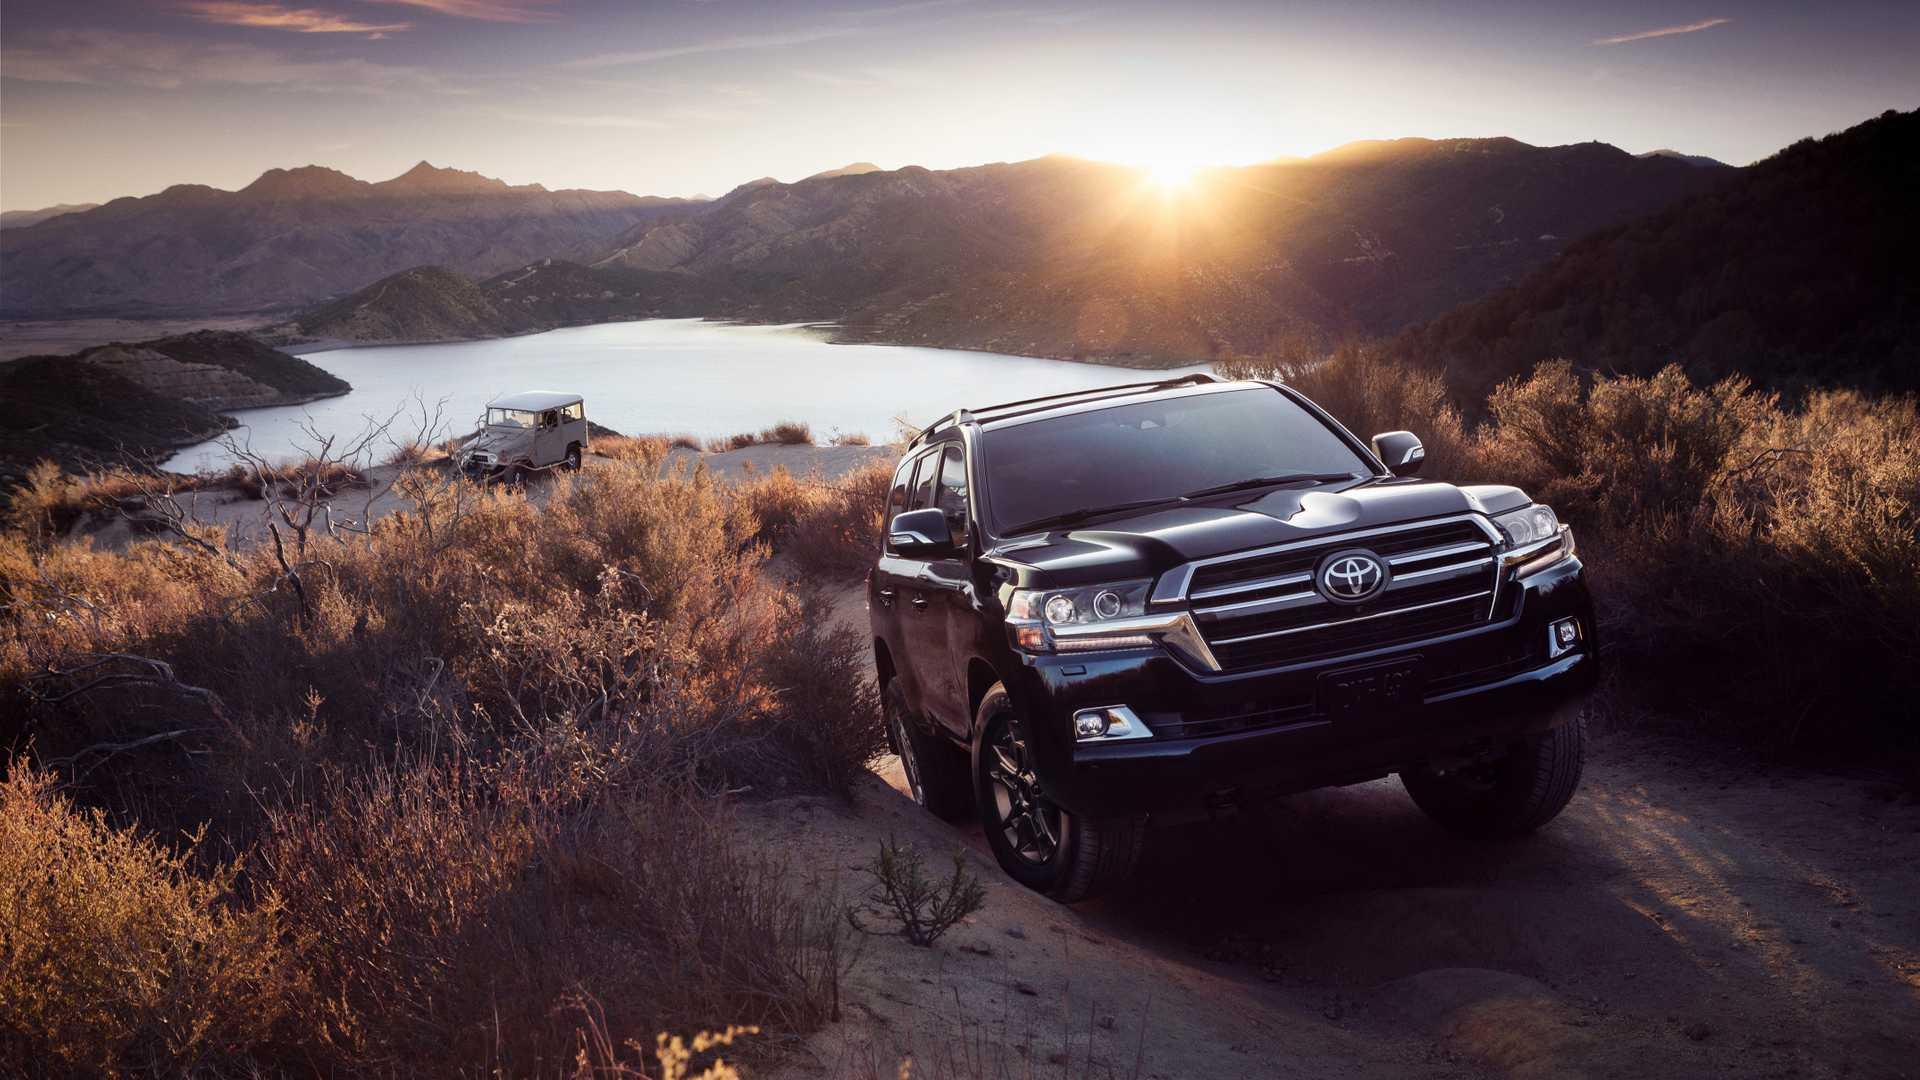 Следующая генерация Toyota Land Cruiser останется без дизельных и бензиновых ДВС с восемью цилиндрами